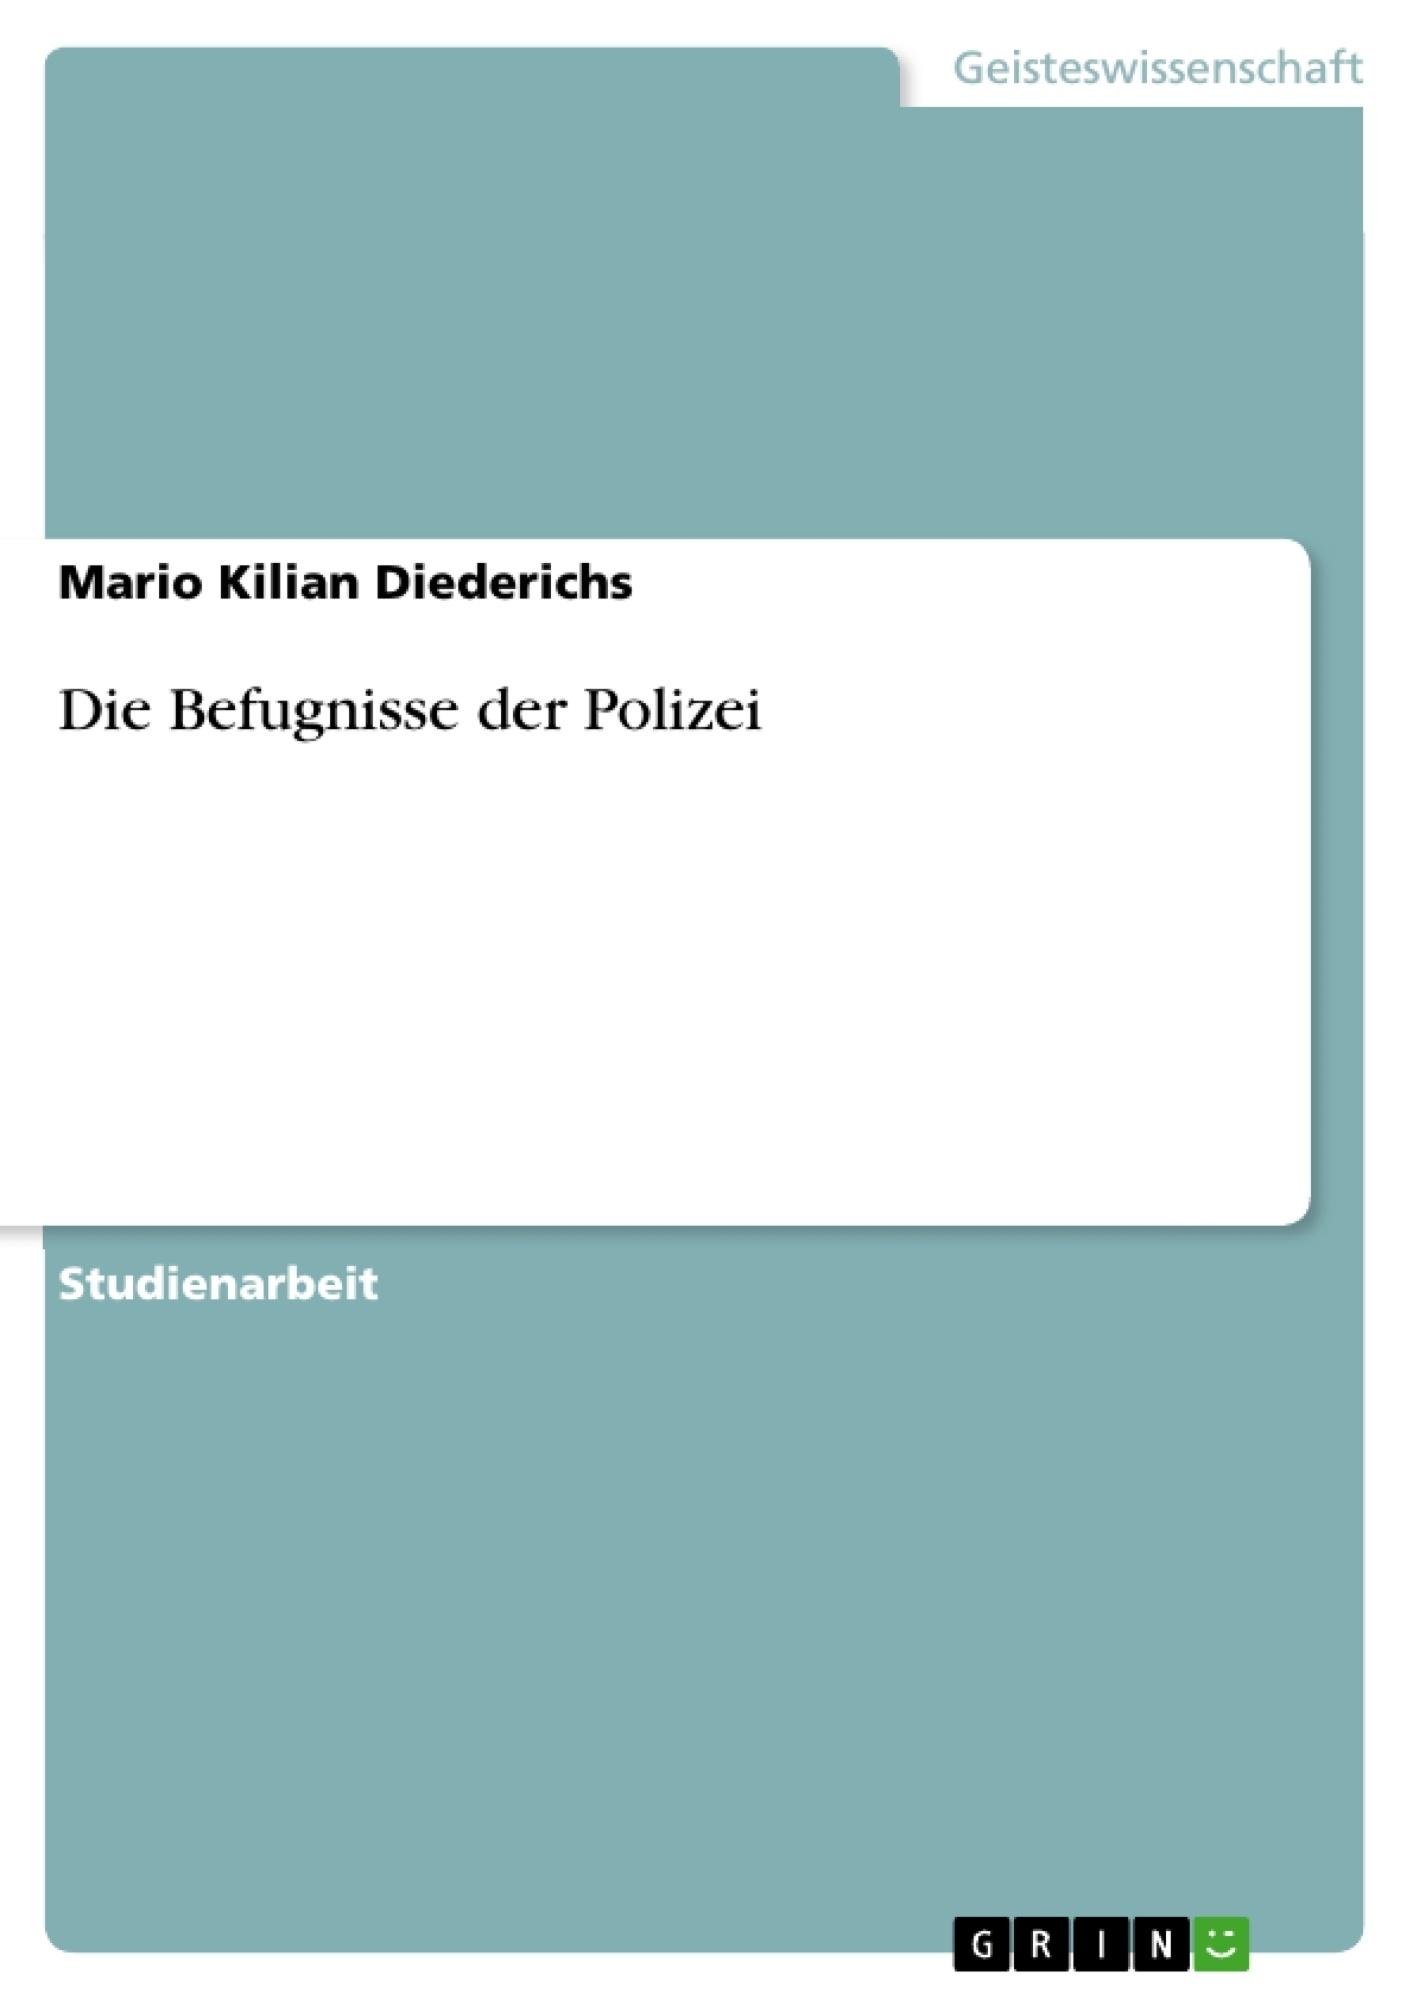 Titre: Die Befugnisse der Polizei